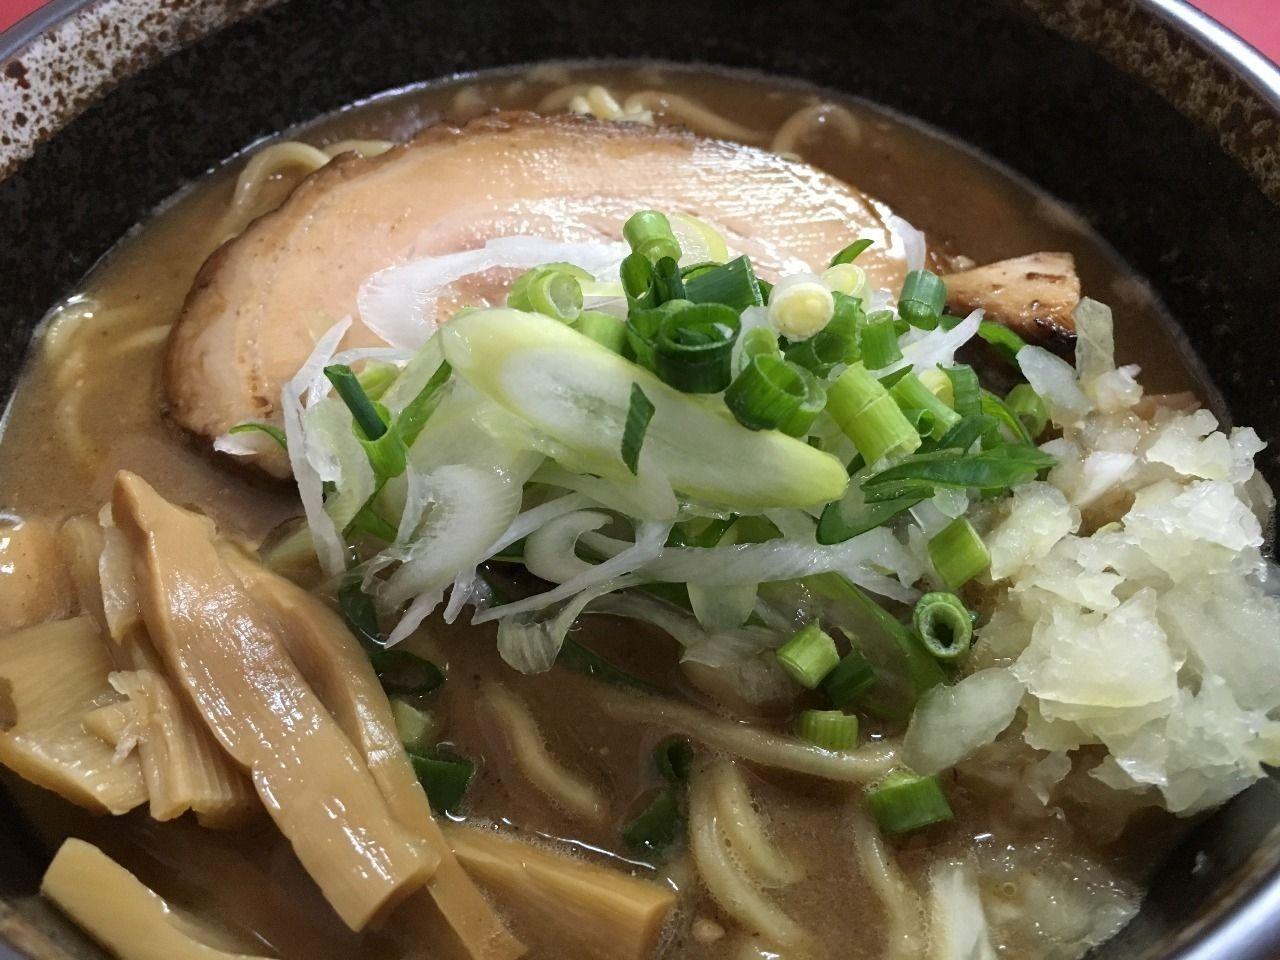 自家製麺 義匠 森田製麺所さん1番人気の義匠麺です!